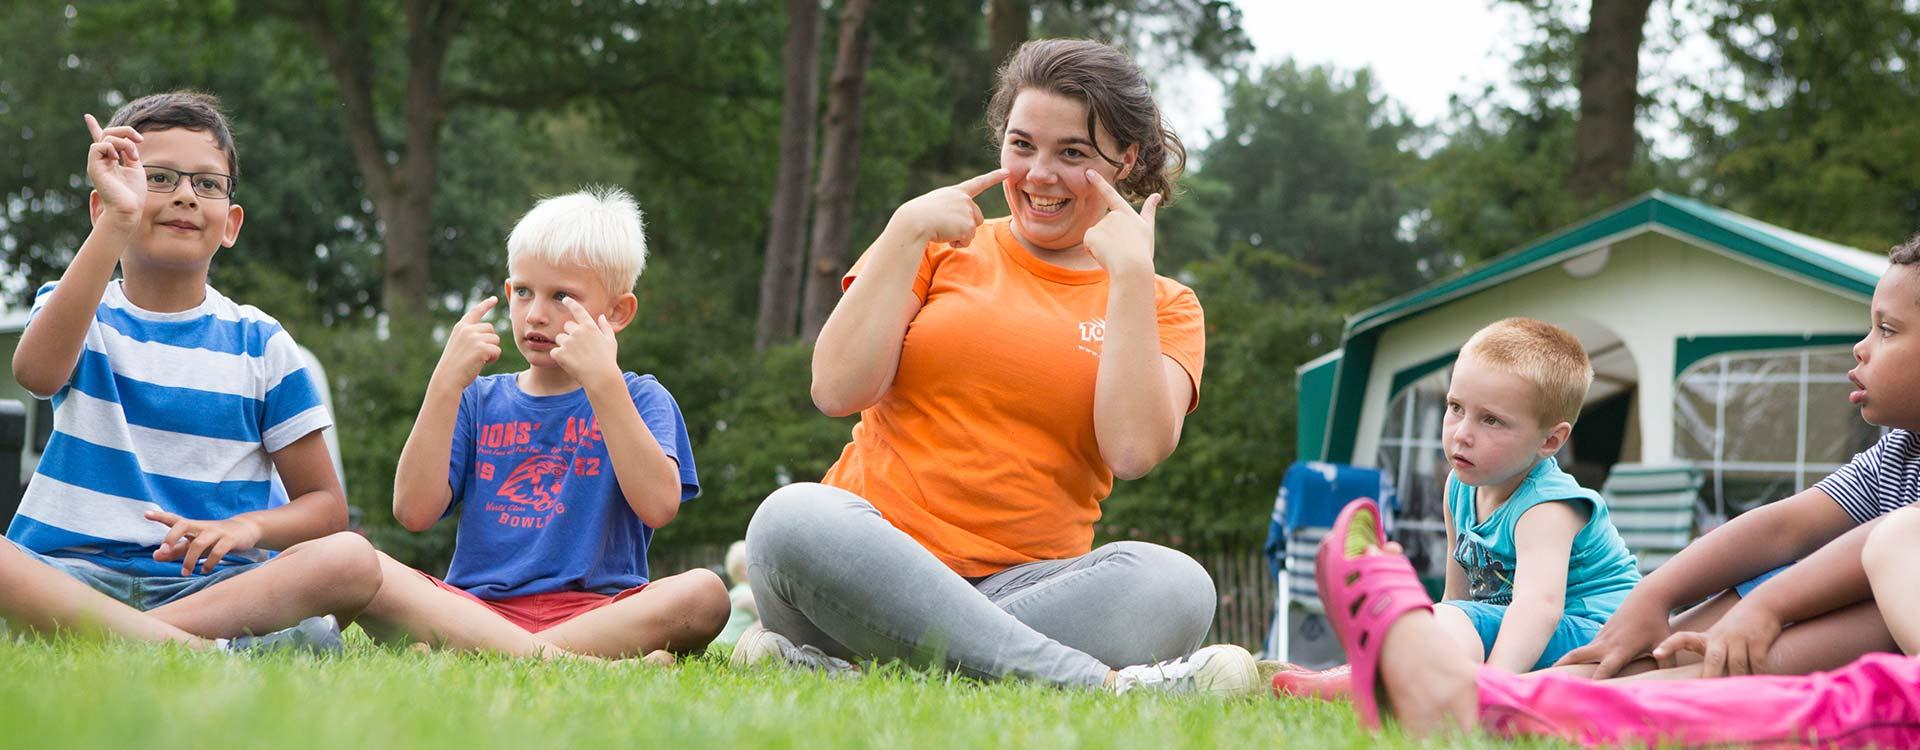 animatie-bij-de-drenthe-campings-de-enige-echte-kindercampings-van-drenthe